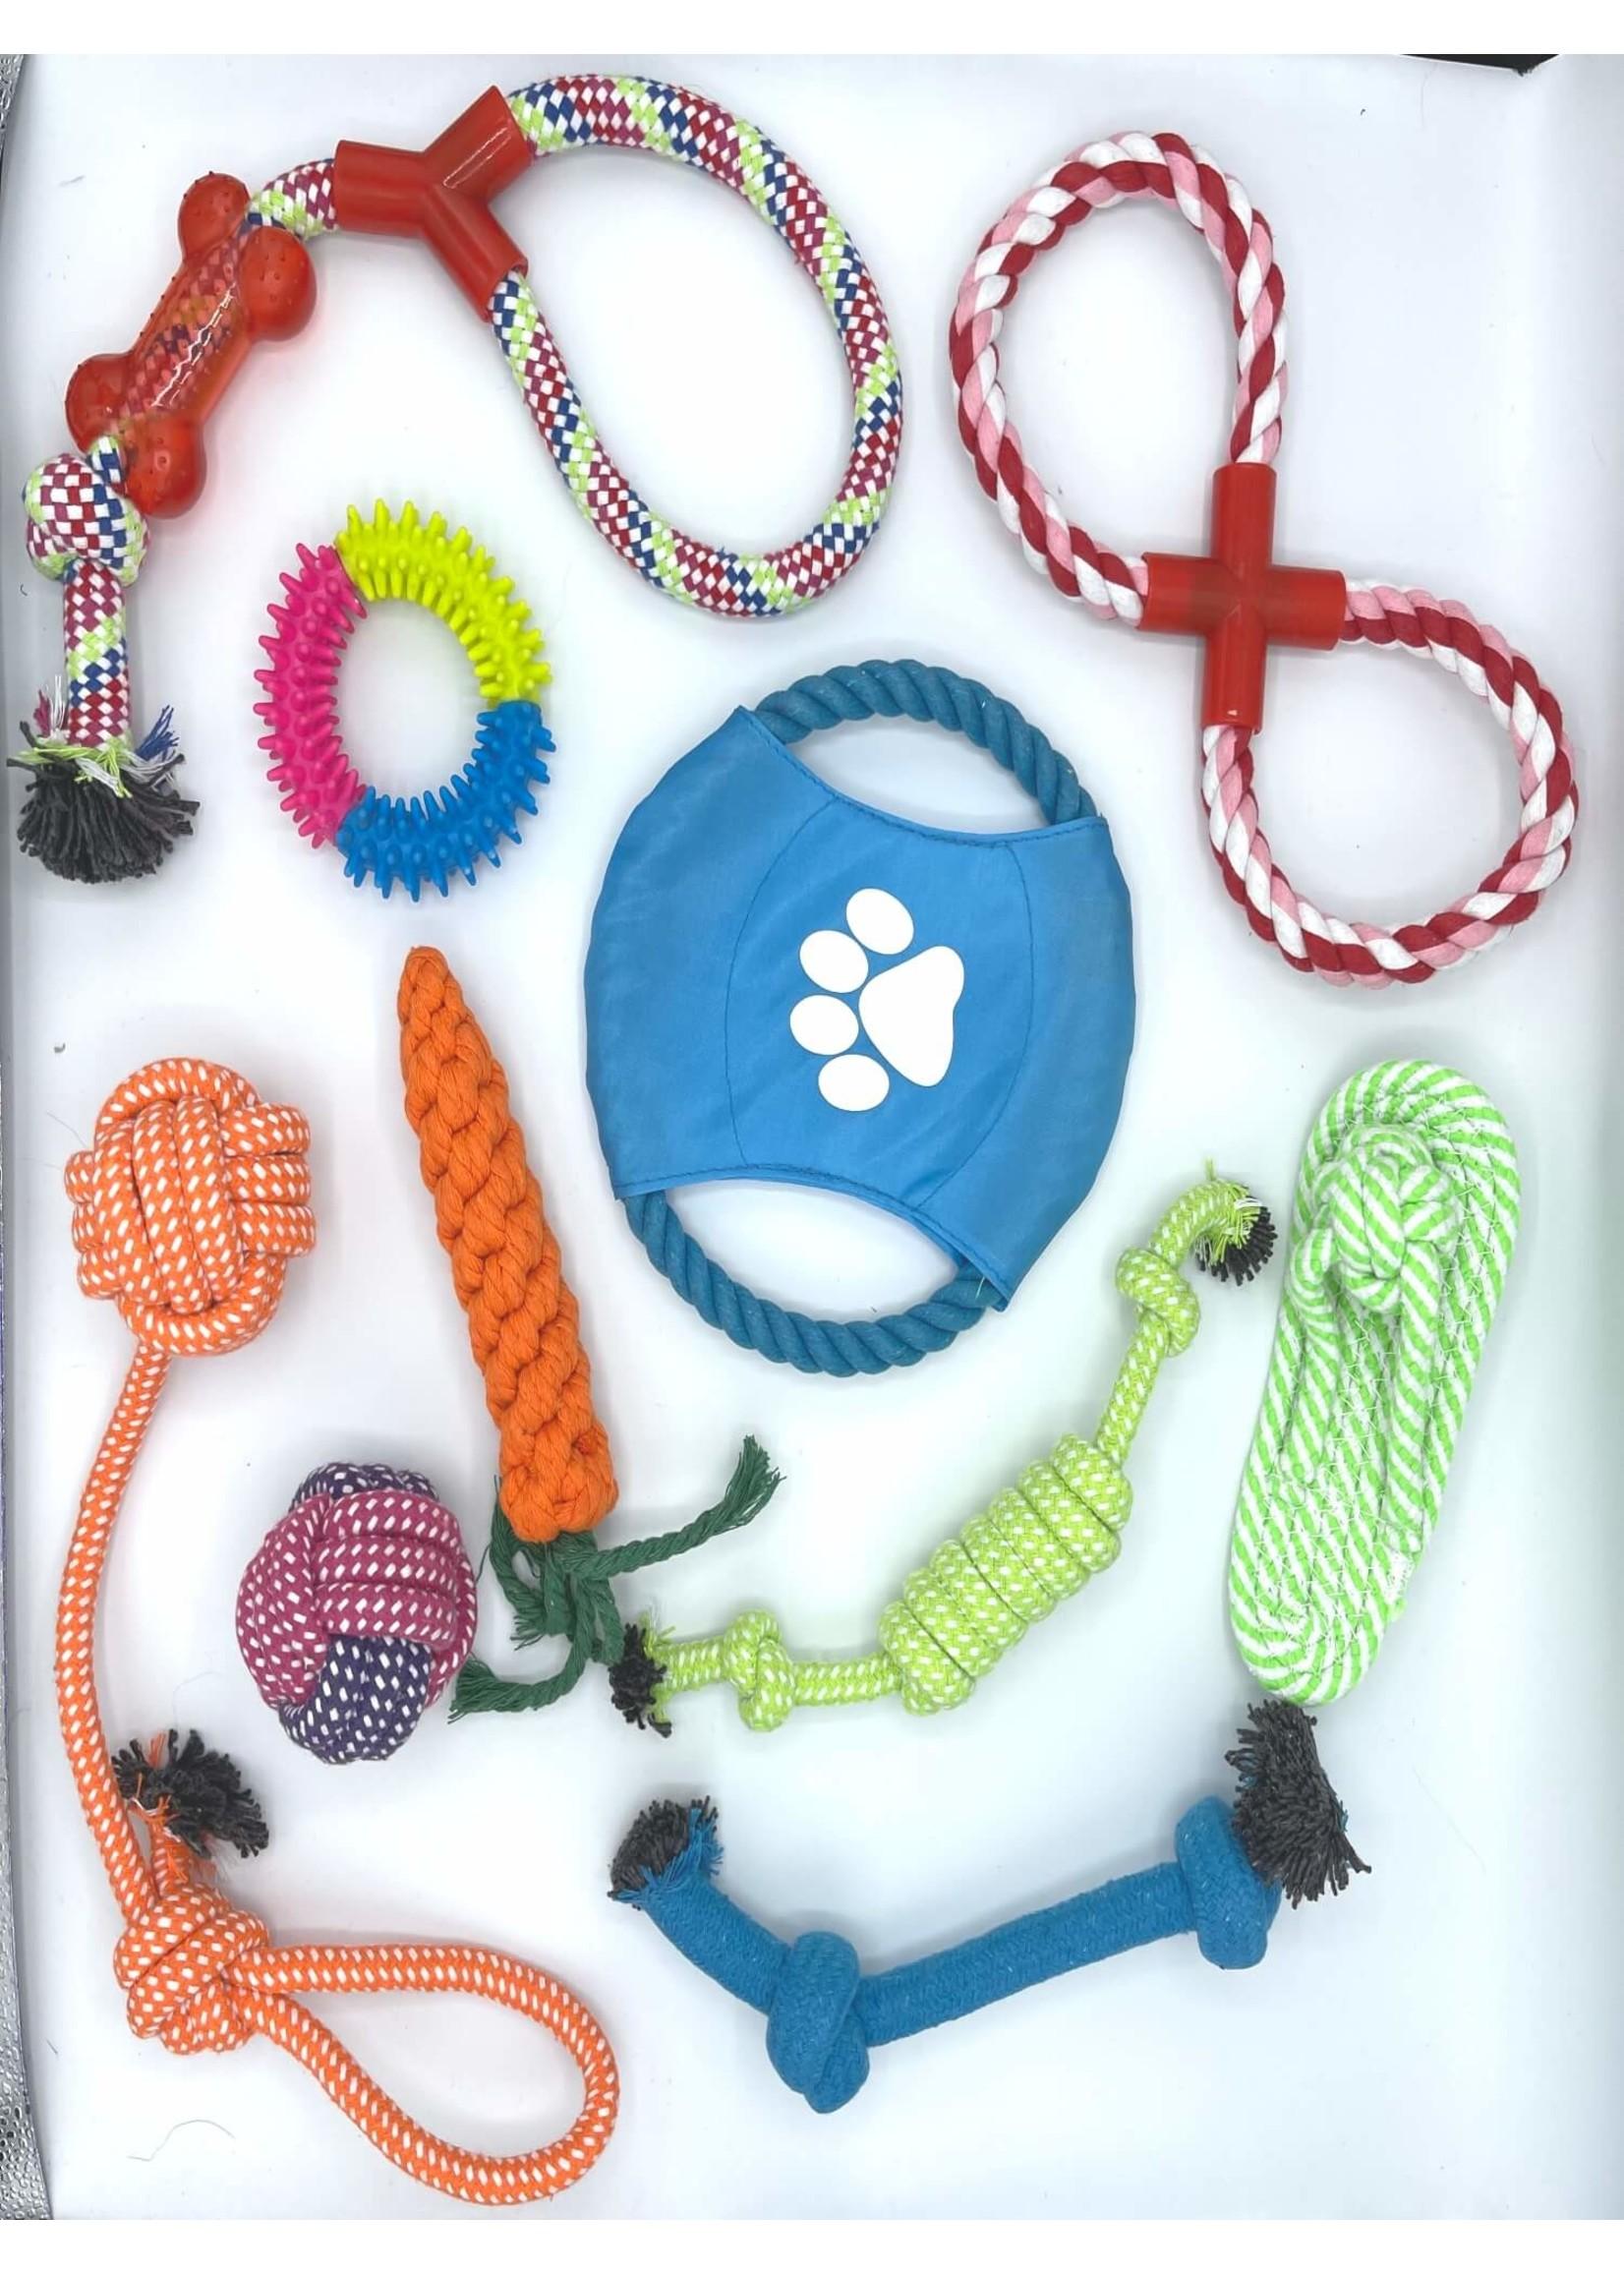 10 Piece Dog Toy Set